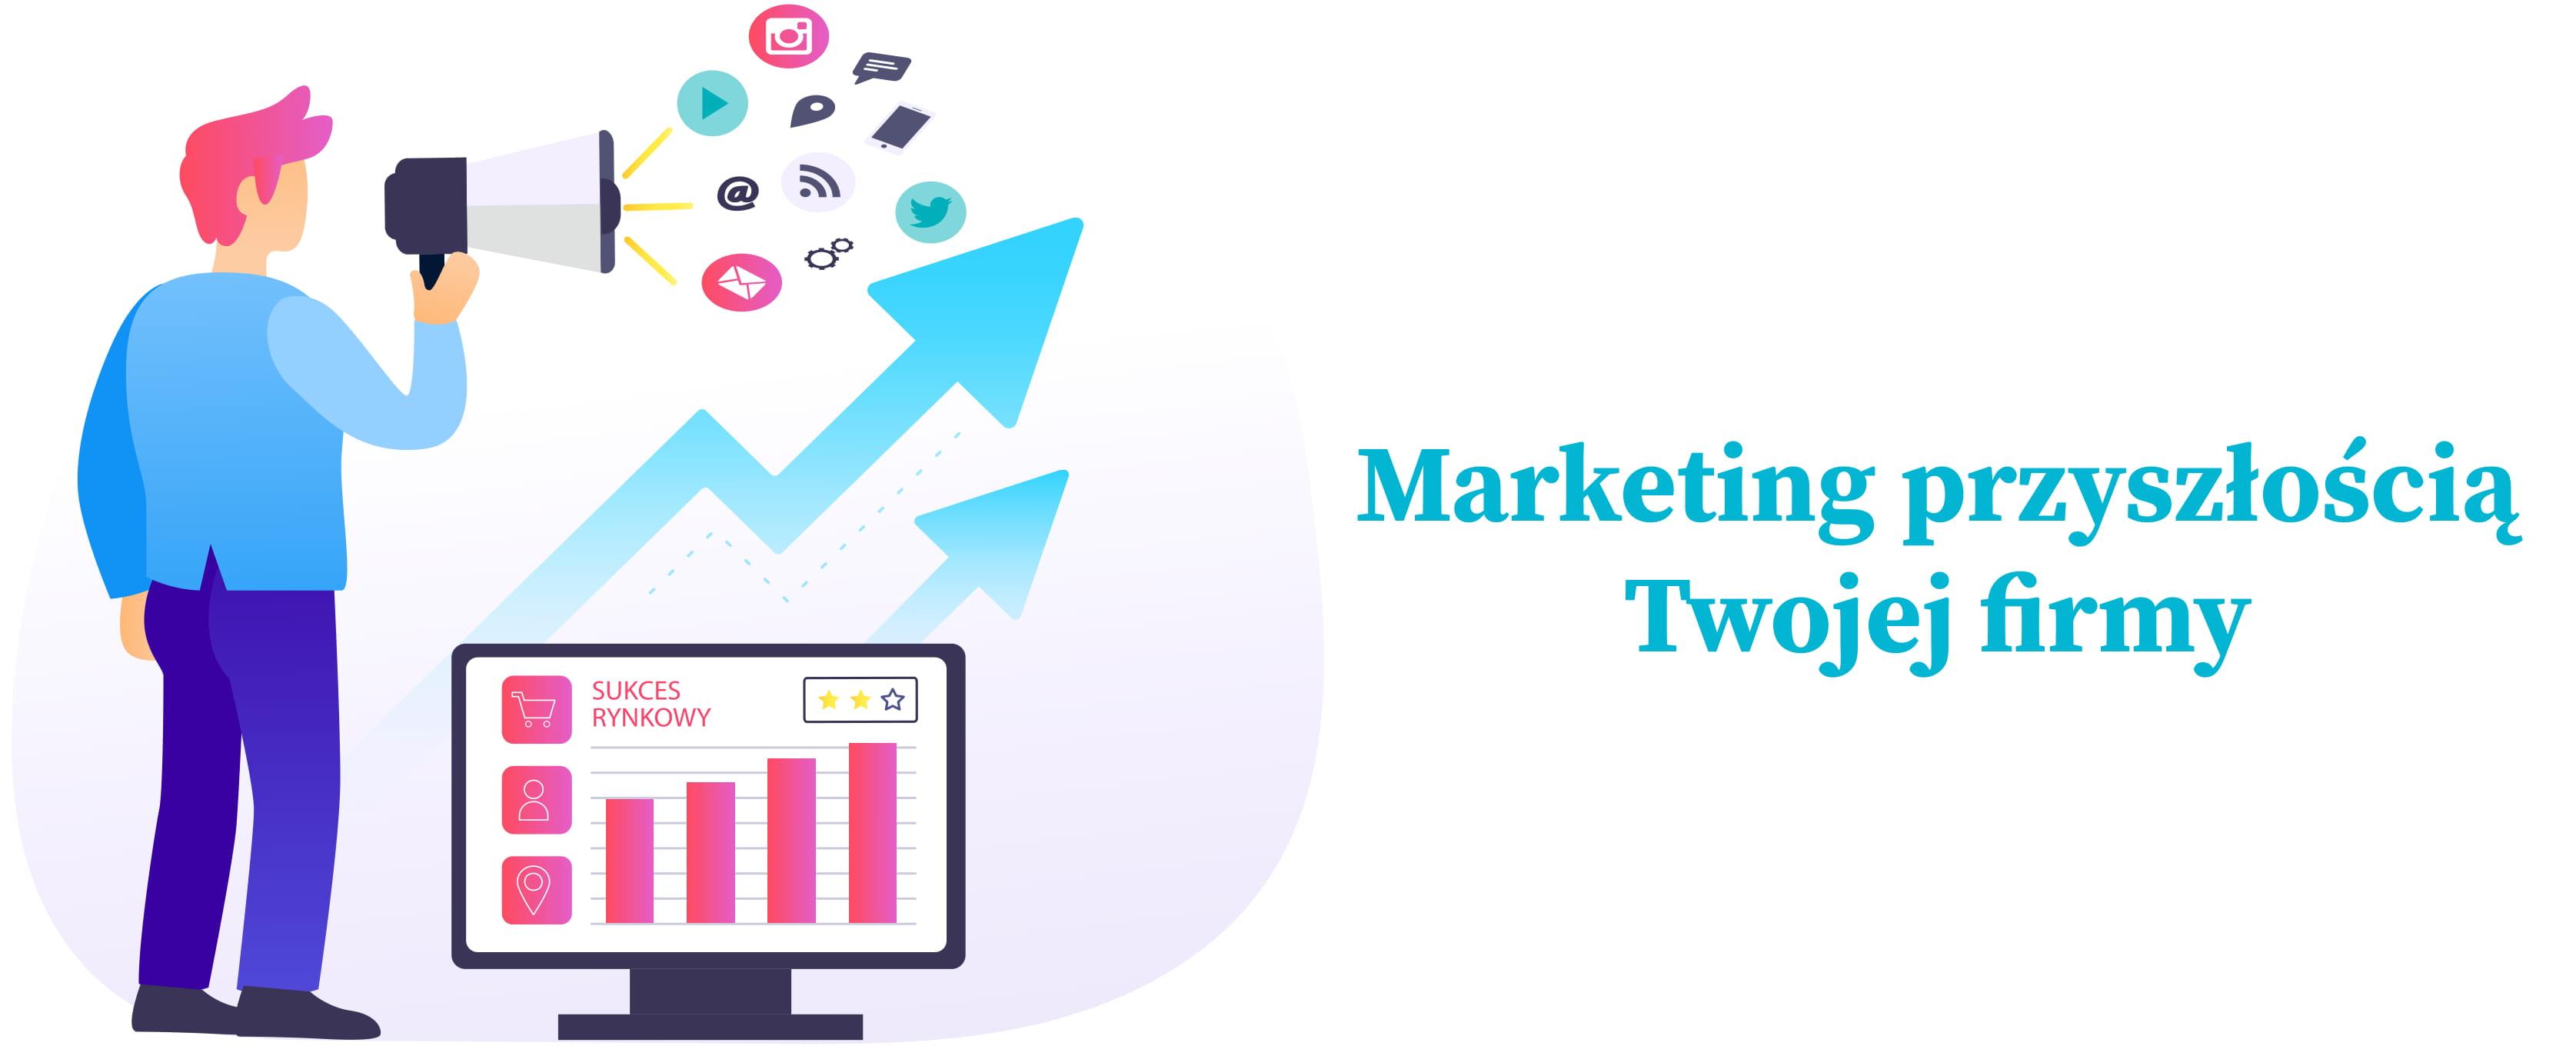 marketing przyszłością twojej firmy